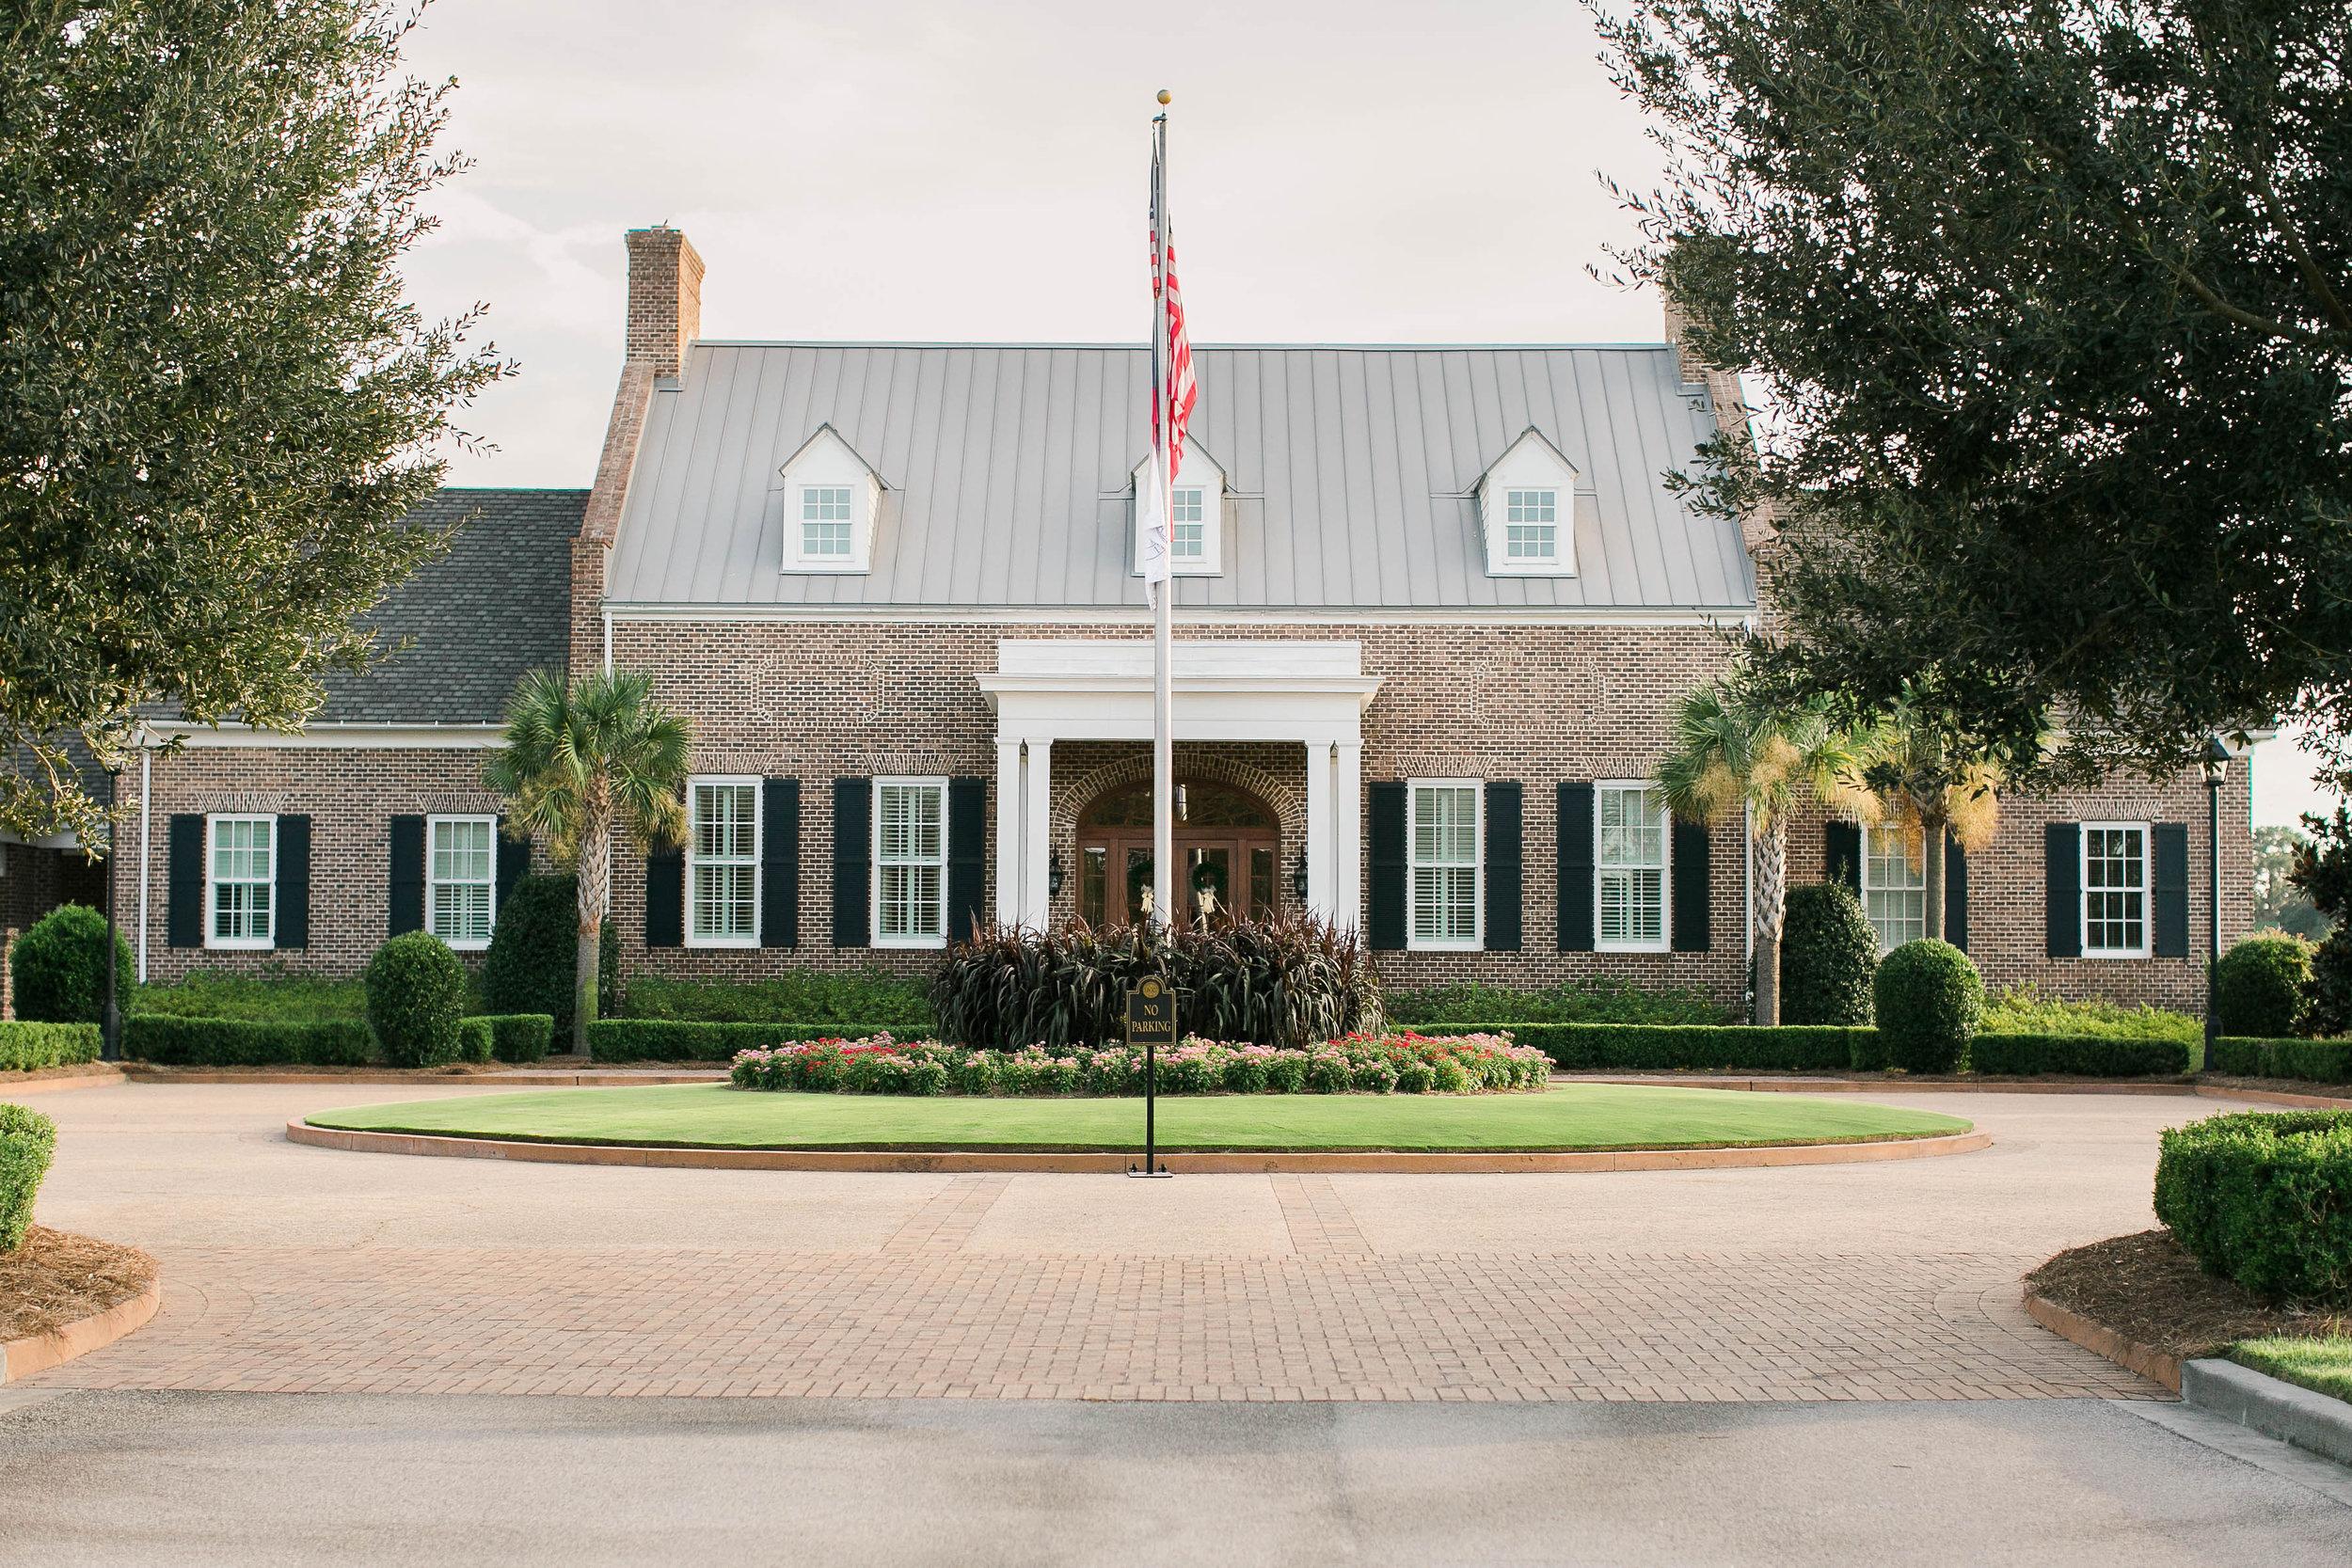 Savannah Golf Club in Savannah, Georgia